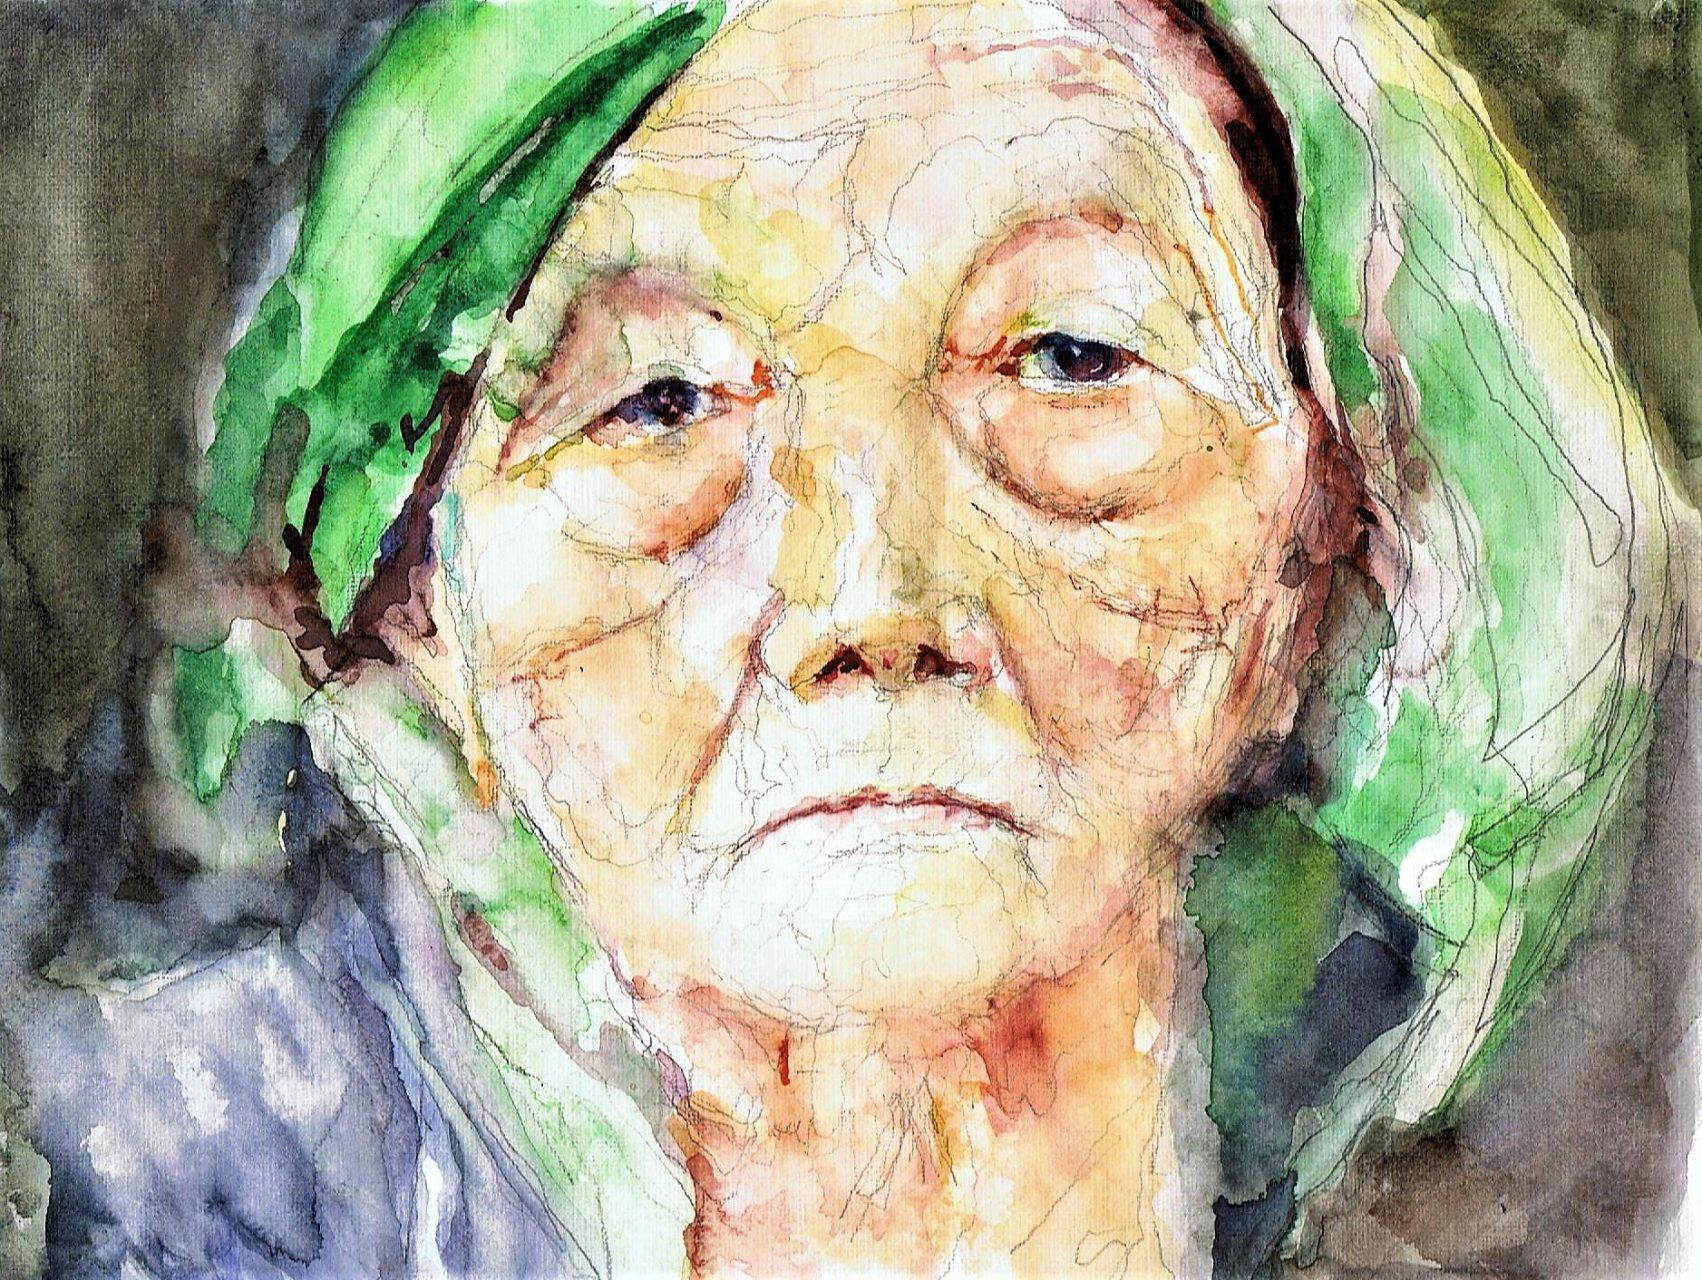 Oude vrouw met hoofddoek 2017 Aquarel 10x35